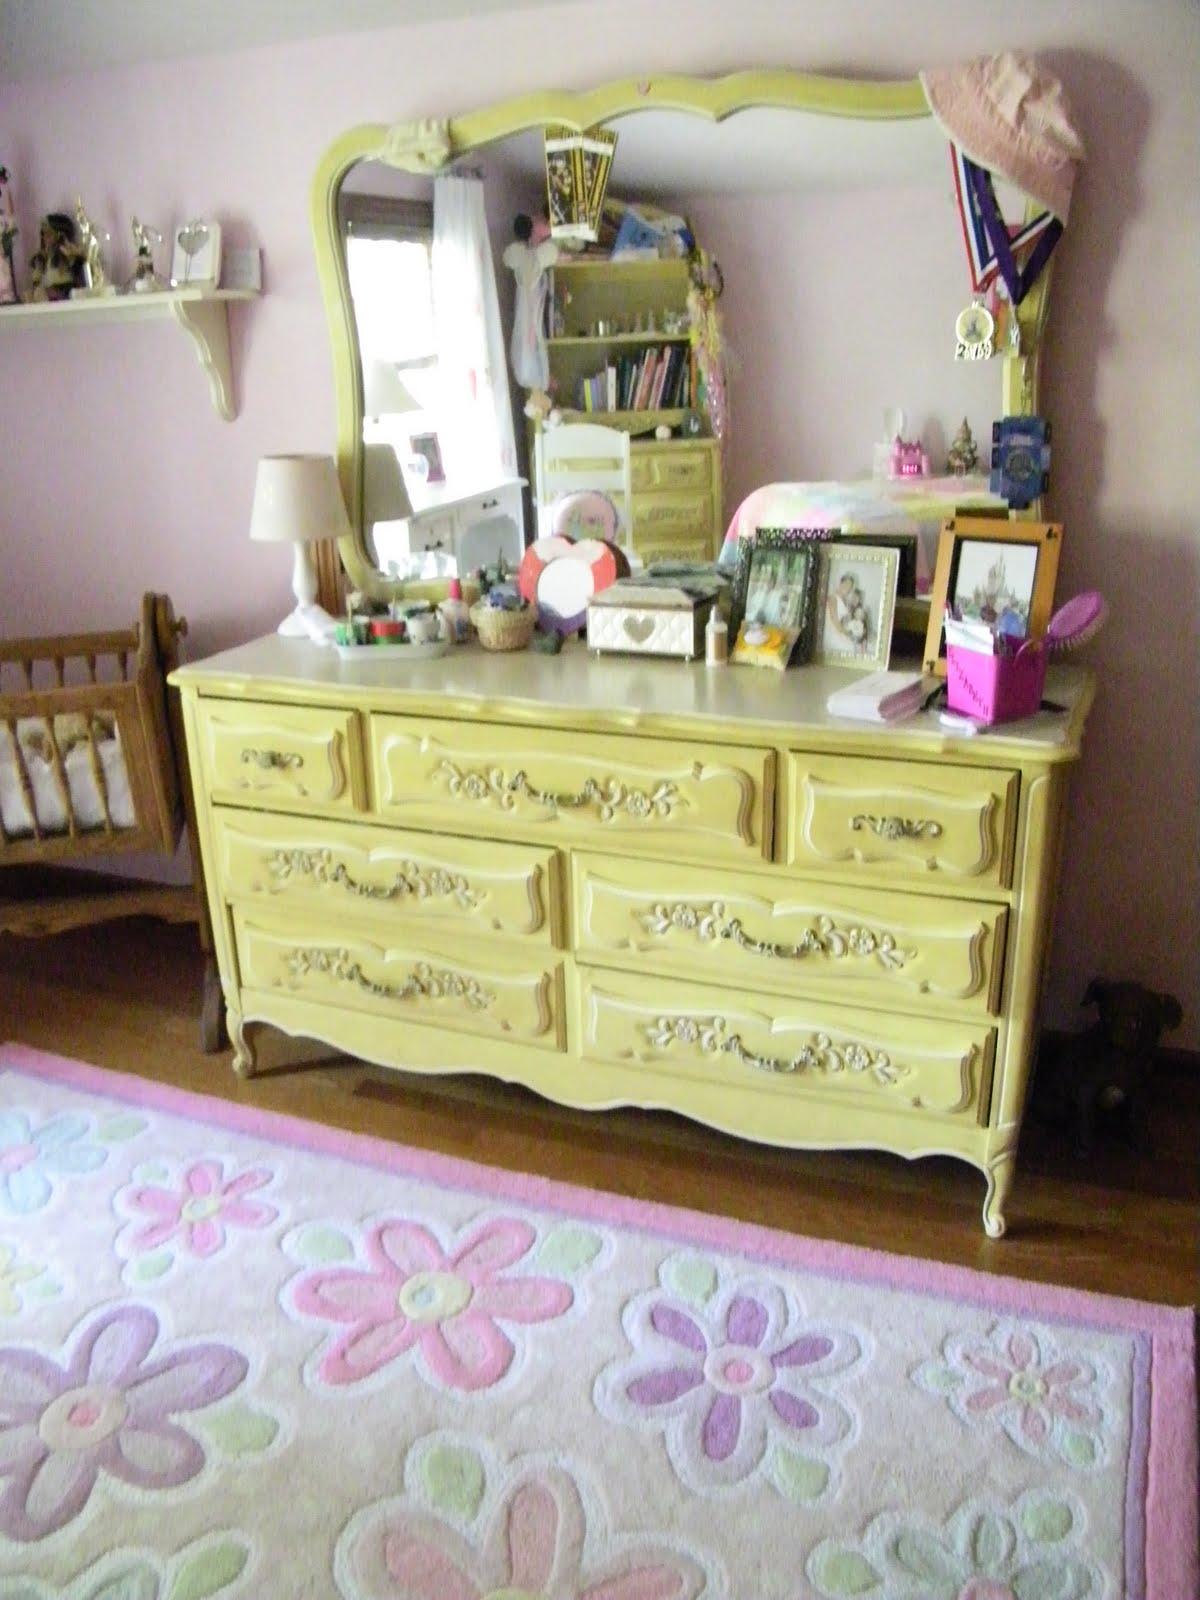 http://4.bp.blogspot.com/-piyu4-ZVSA8/TcFEFFXd4rI/AAAAAAAAExA/dvtg6QDaURE/s1600/princess+room+010.JPG